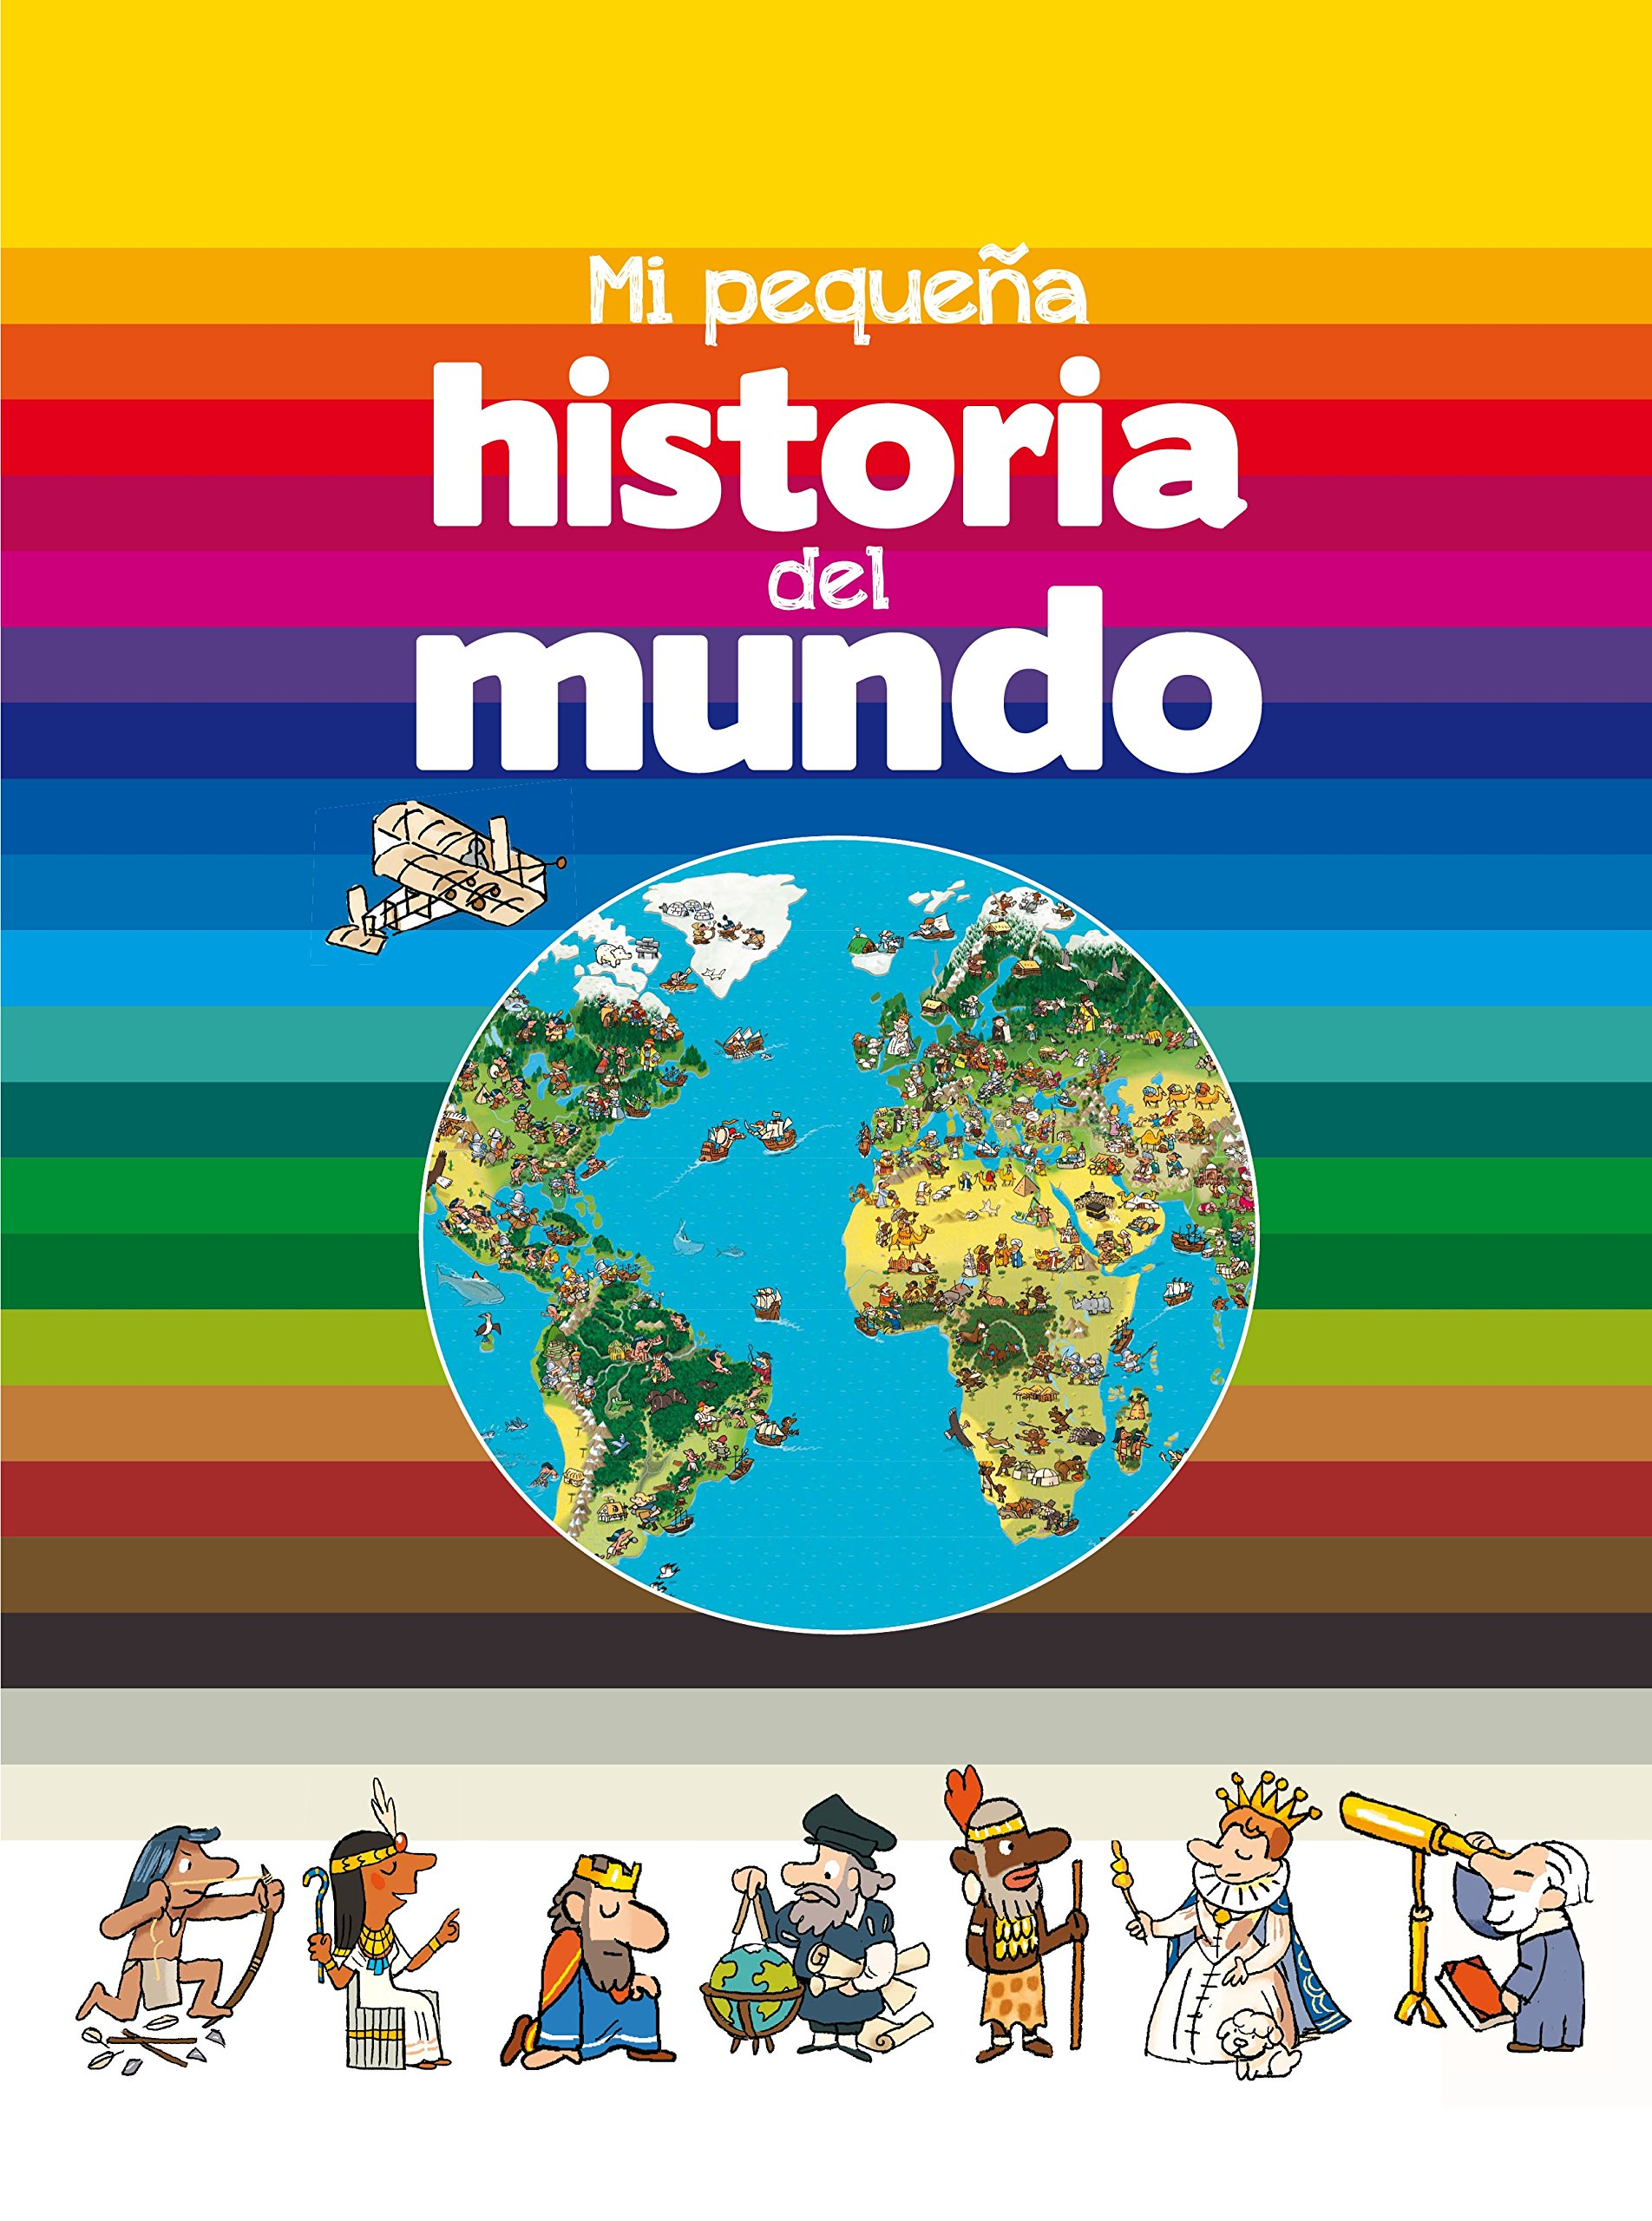 Mi pequeña historia del mundo: Amazon.es: Fichou, Bertrand, Balicevic, Didier, Porro Rodríguez, Victoria: Libros